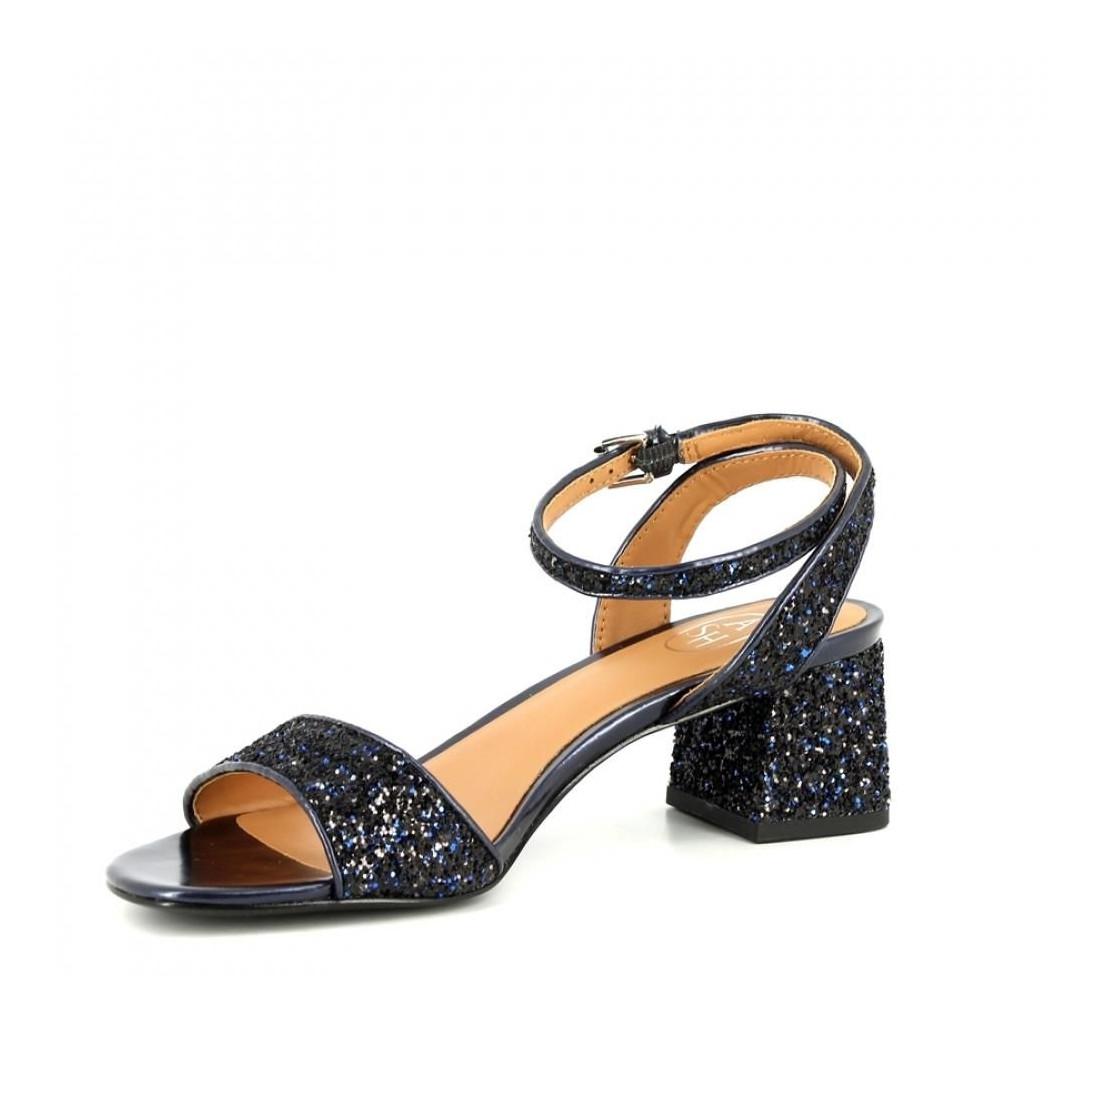 sandals woman ash s18 remix03 2925